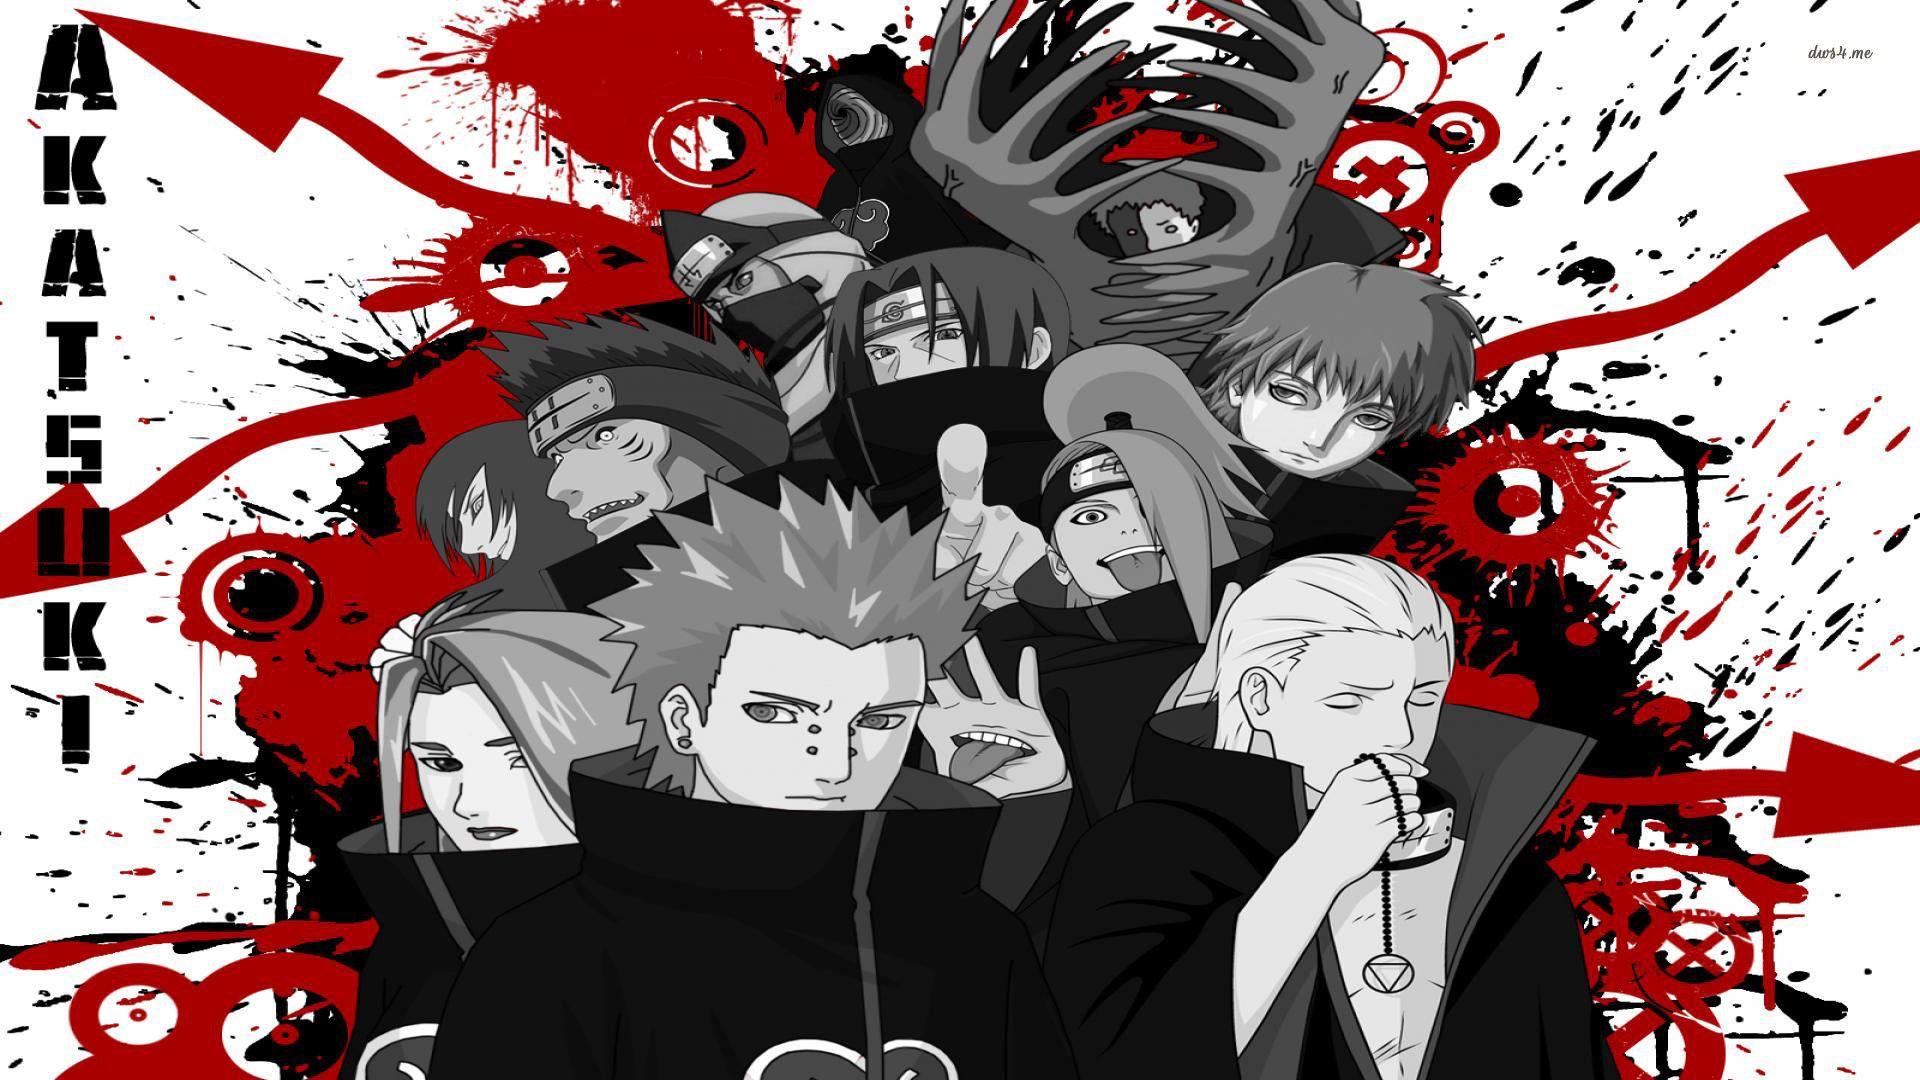 Free Akatsuki Naruto Shippuden Wallpaper Anime